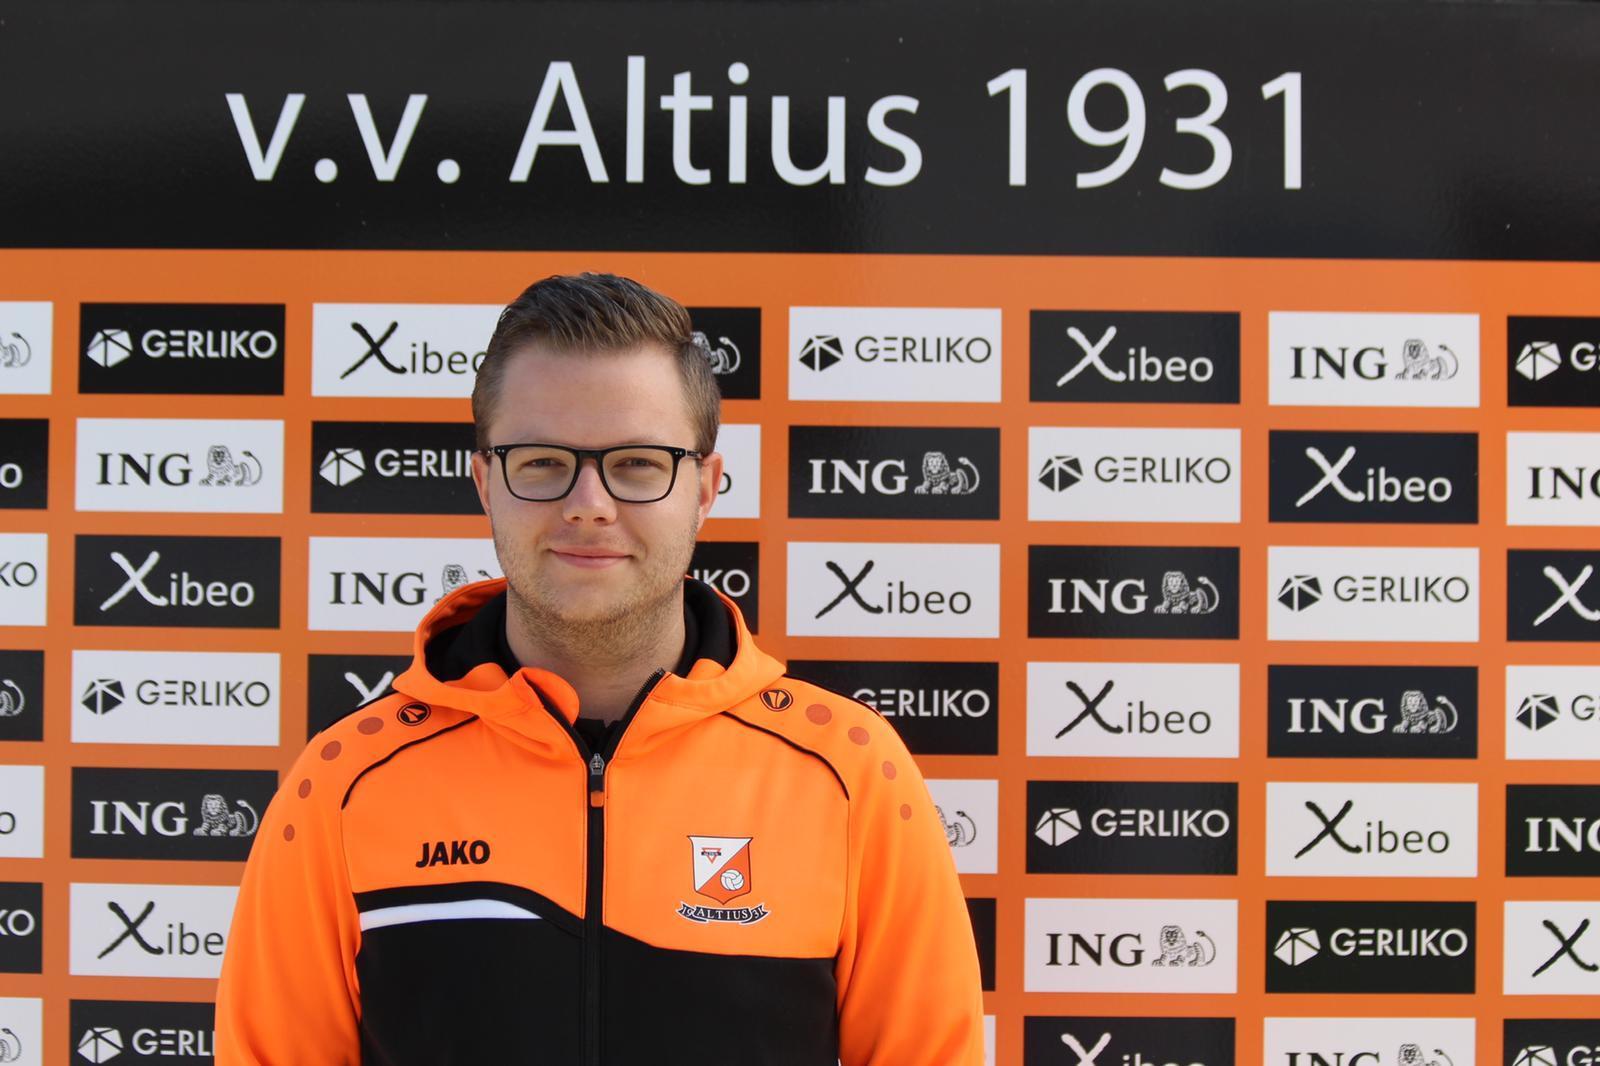 Niels blijft assistent!!